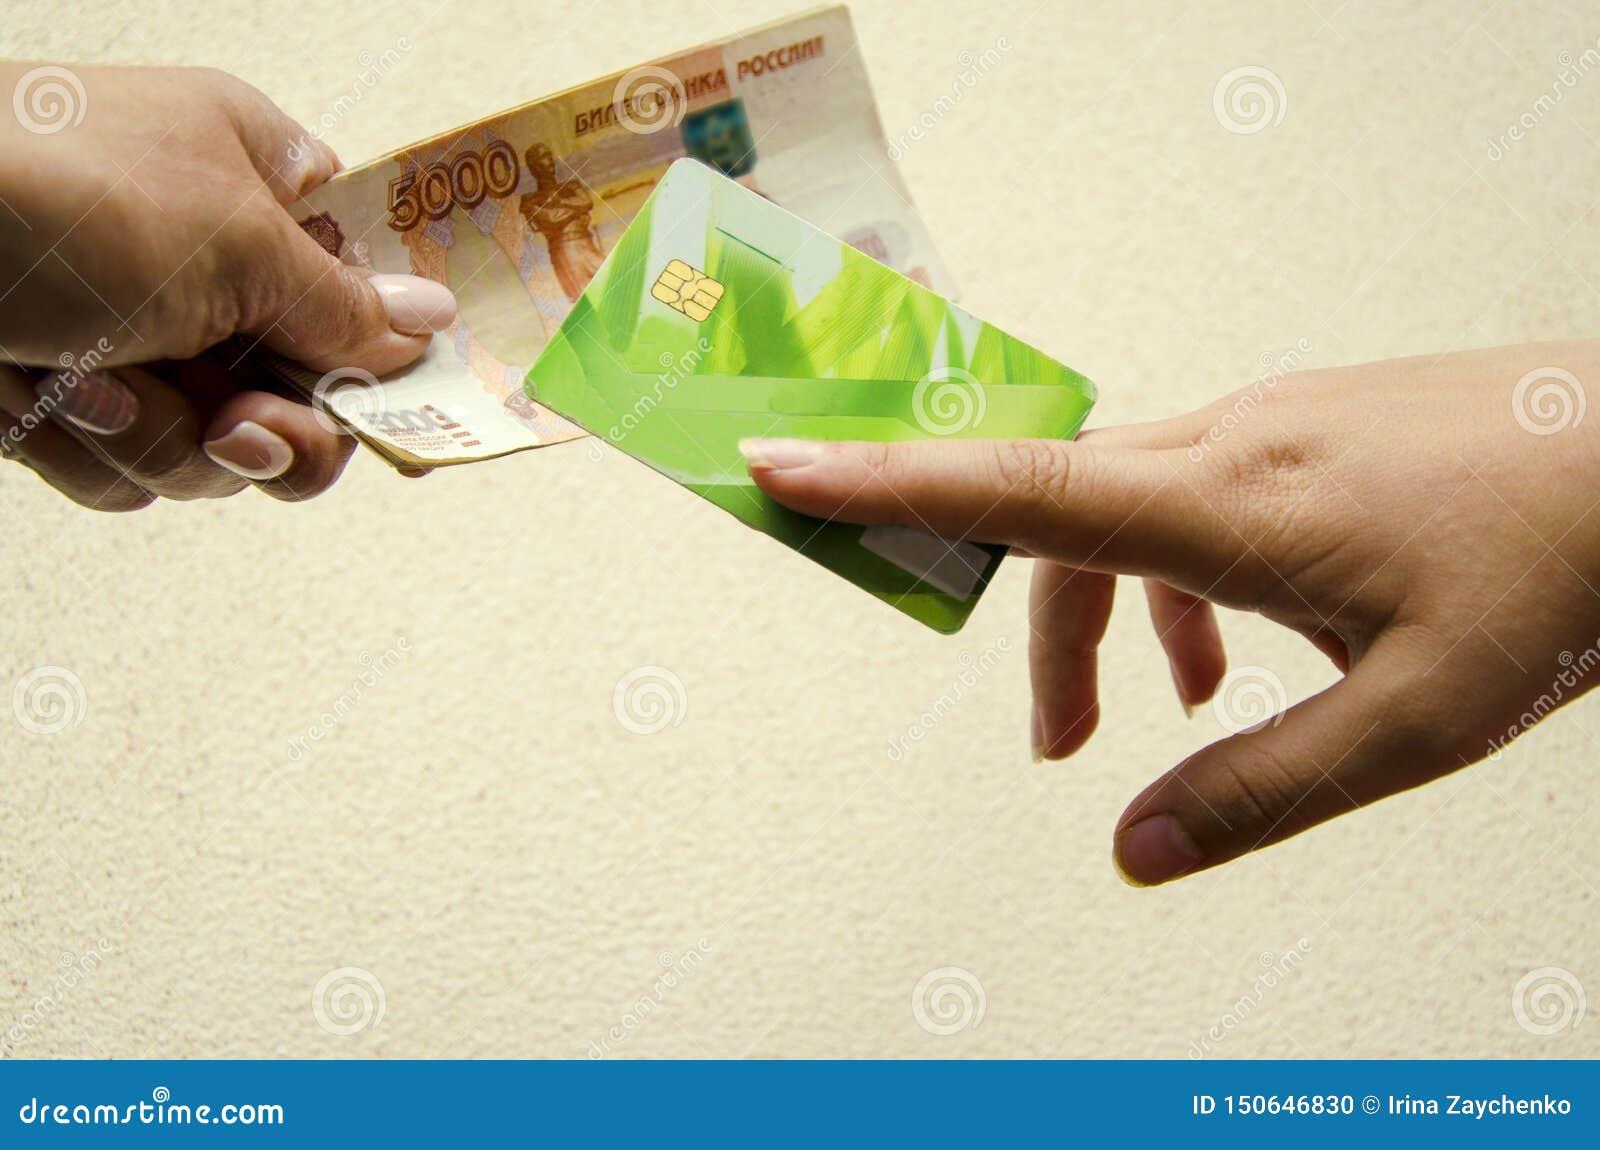 Закройте вверх обменивать или переносить кредитную карточку и банкноты к другому человеку o